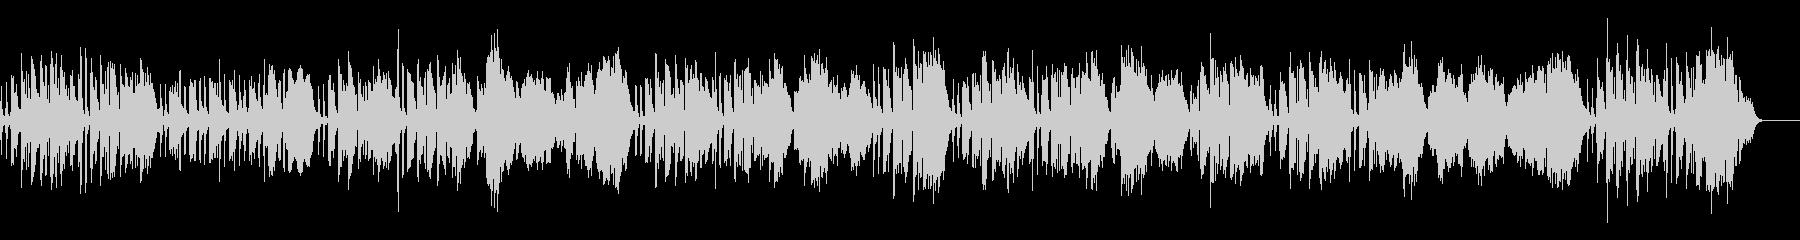 マルティーニ/ガヴォット(ヴァイオリン)の未再生の波形